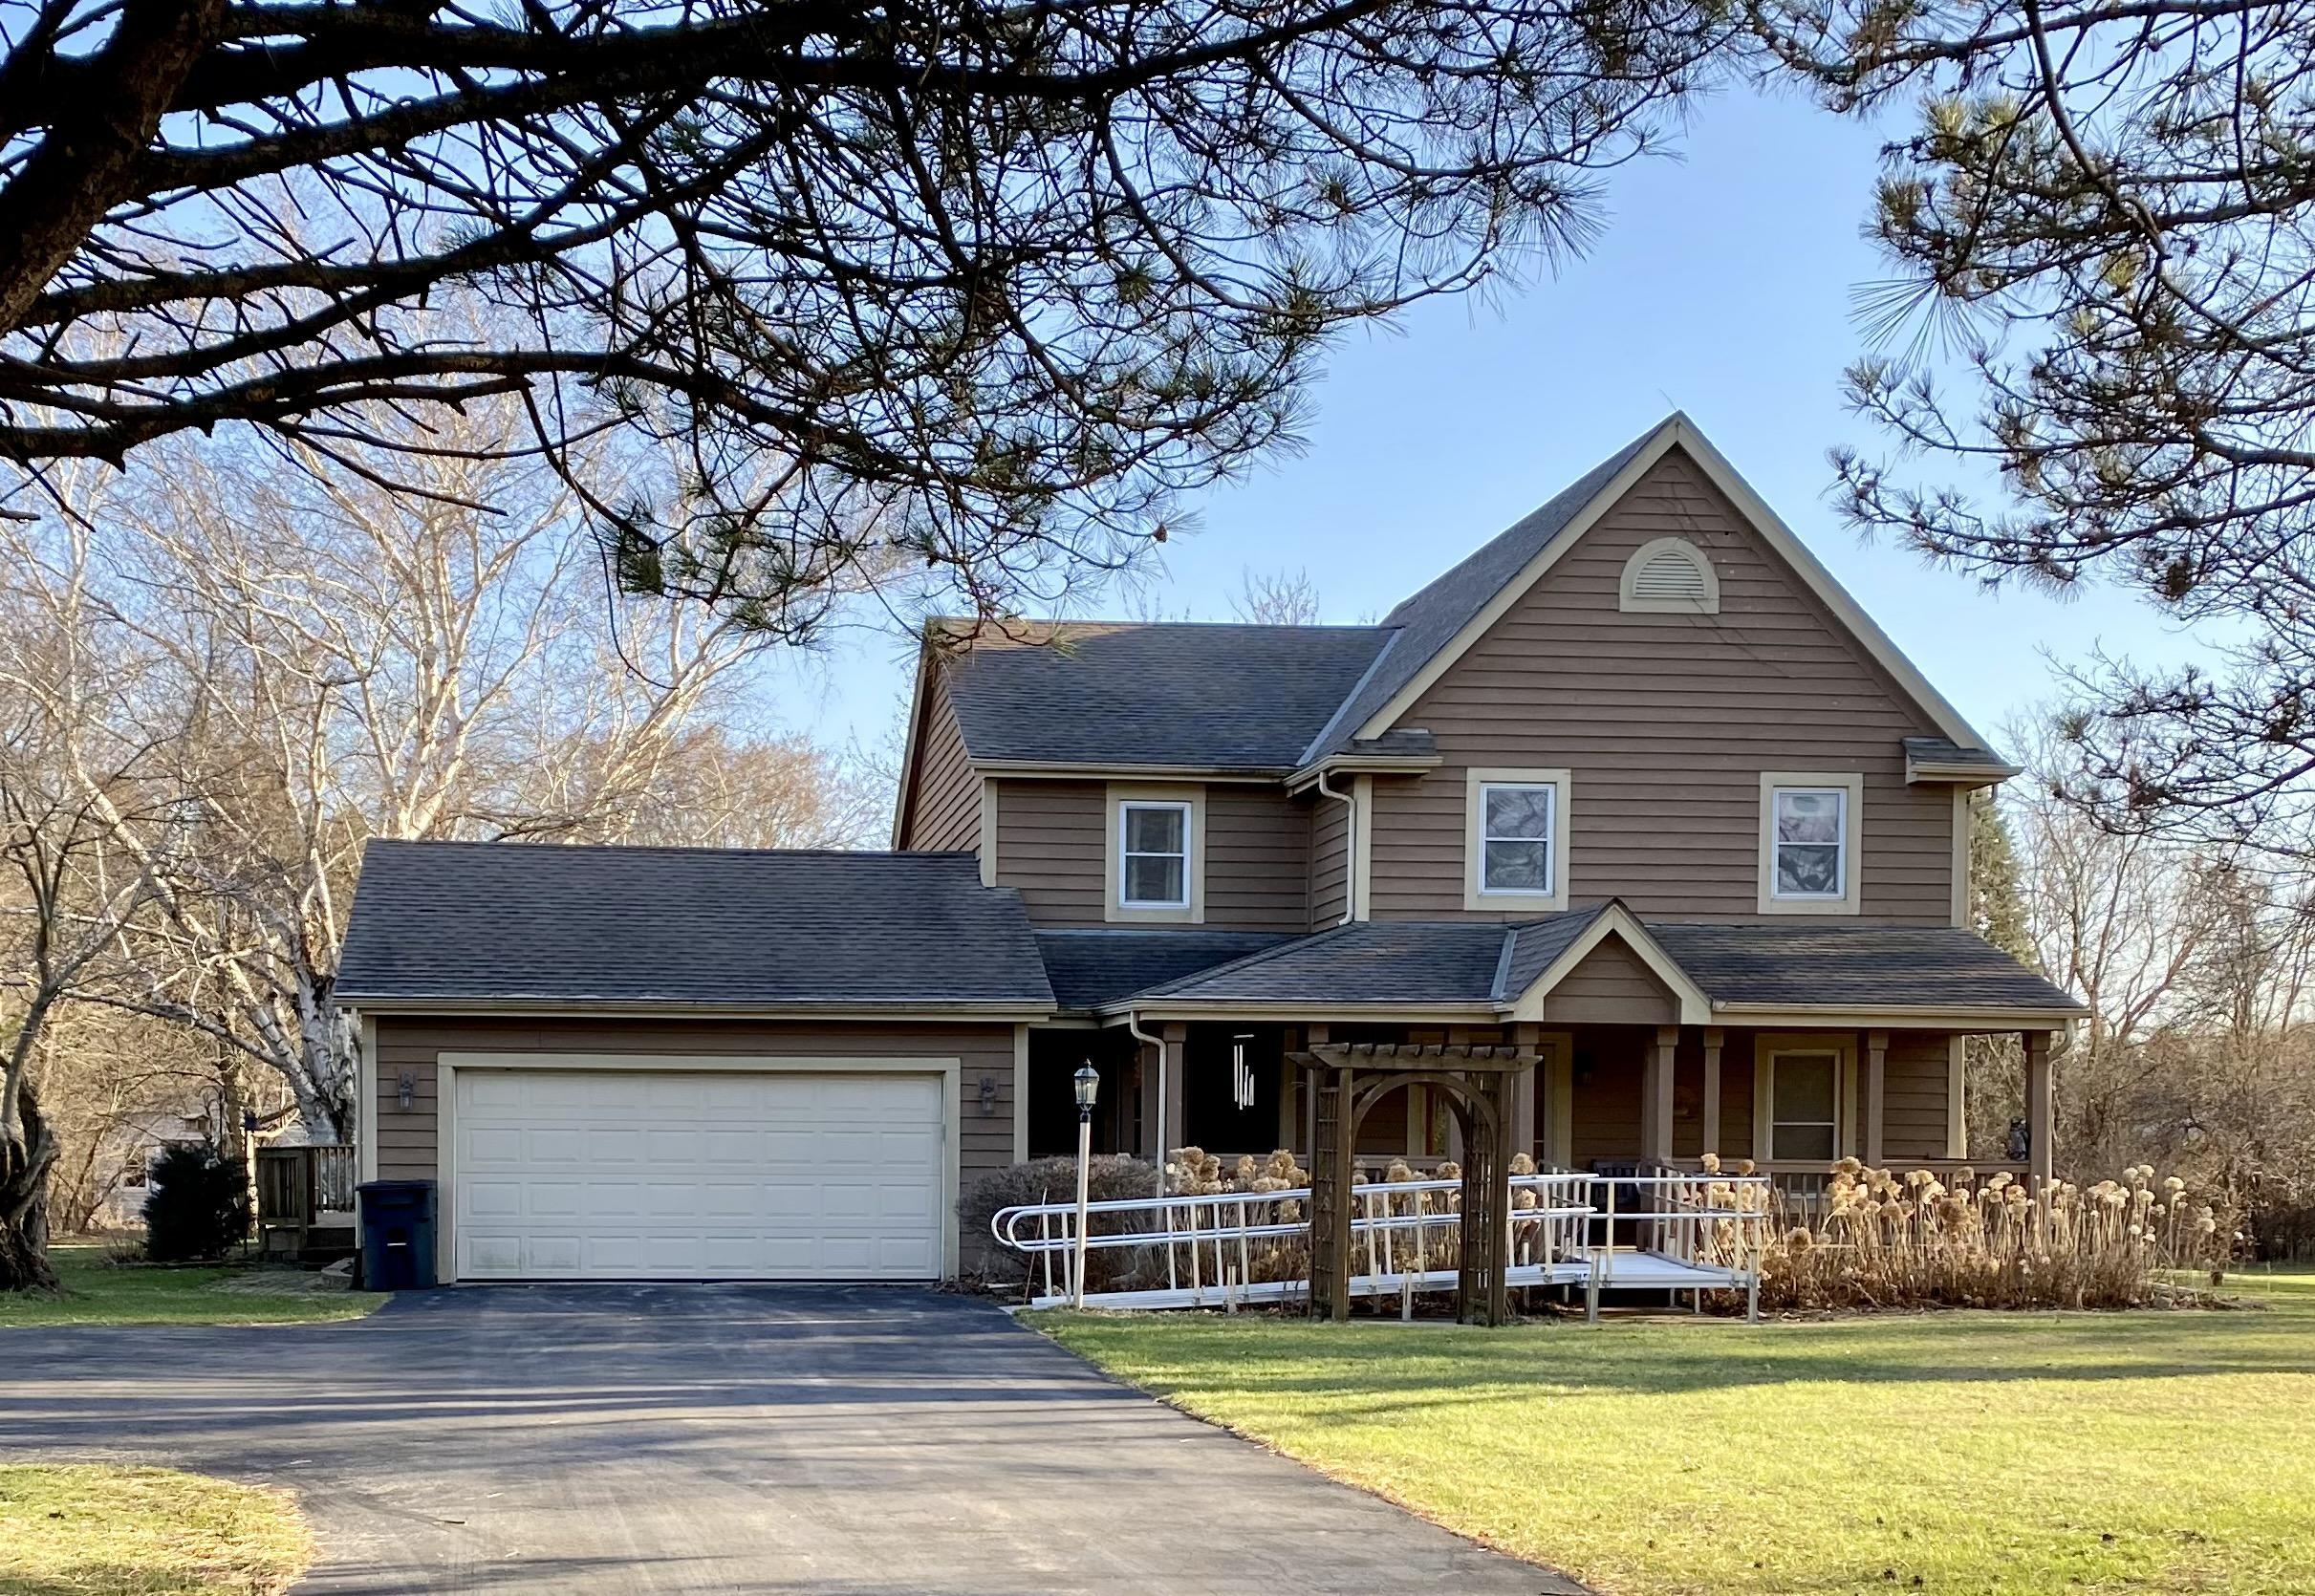 2410 Hirschman Ln, Delafield, Wisconsin 53029, 4 Bedrooms Bedrooms, ,2 BathroomsBathrooms,Single-Family,For Sale,Hirschman Ln,1733221